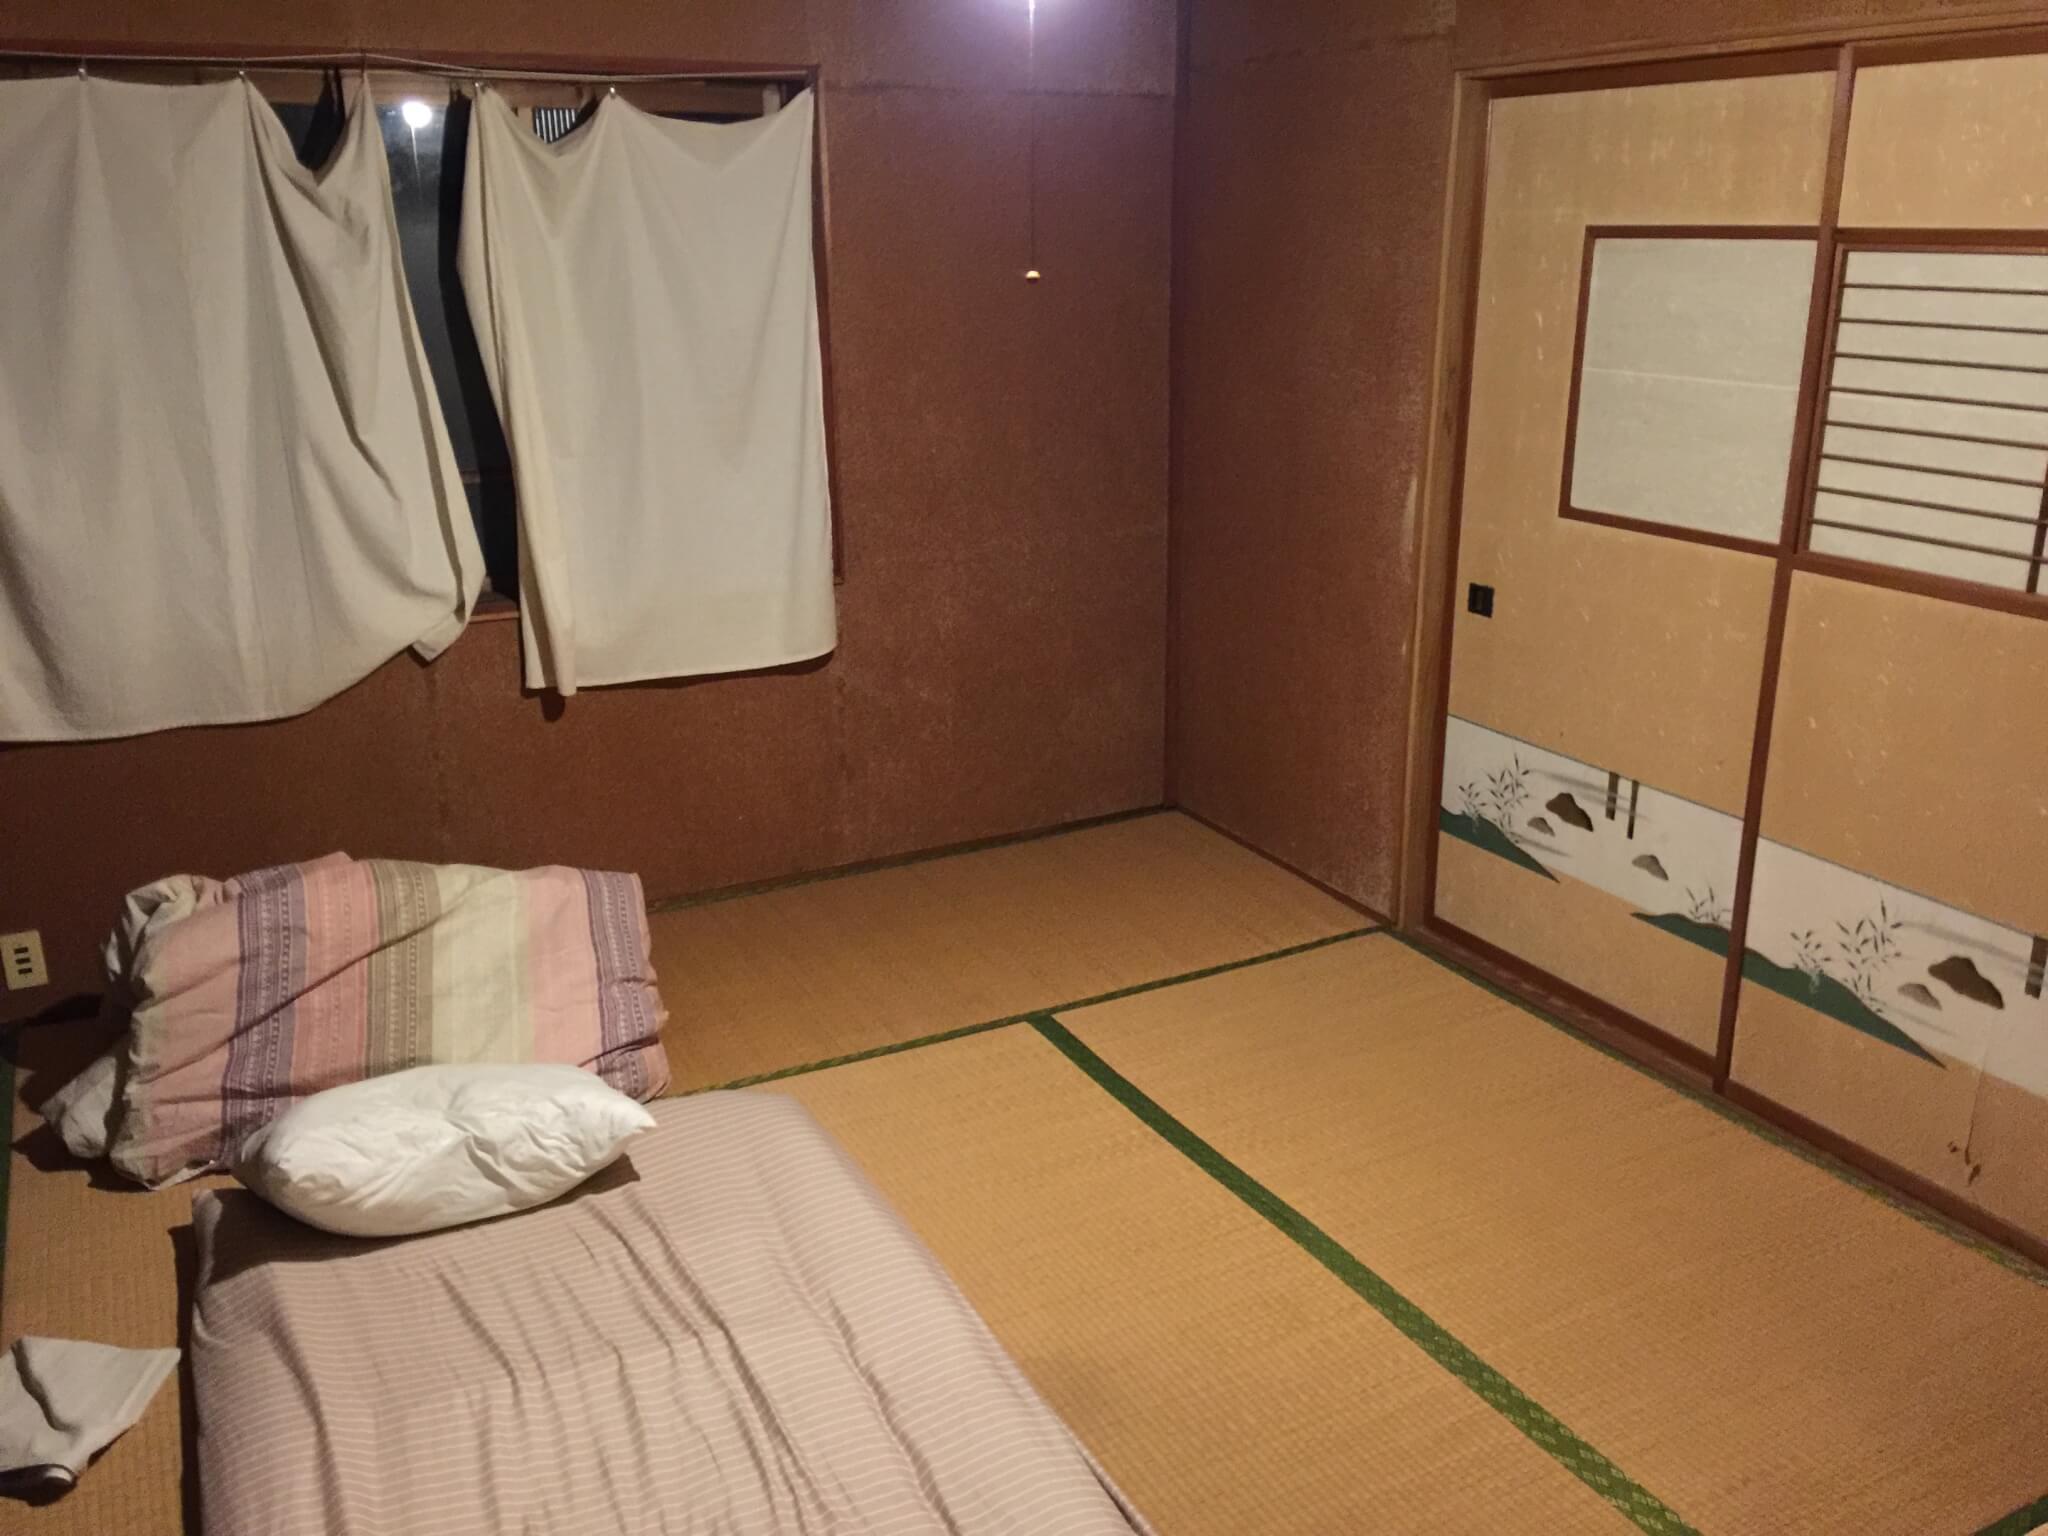 ゲストハウス・ナマケモノ(namecameono)の寝床